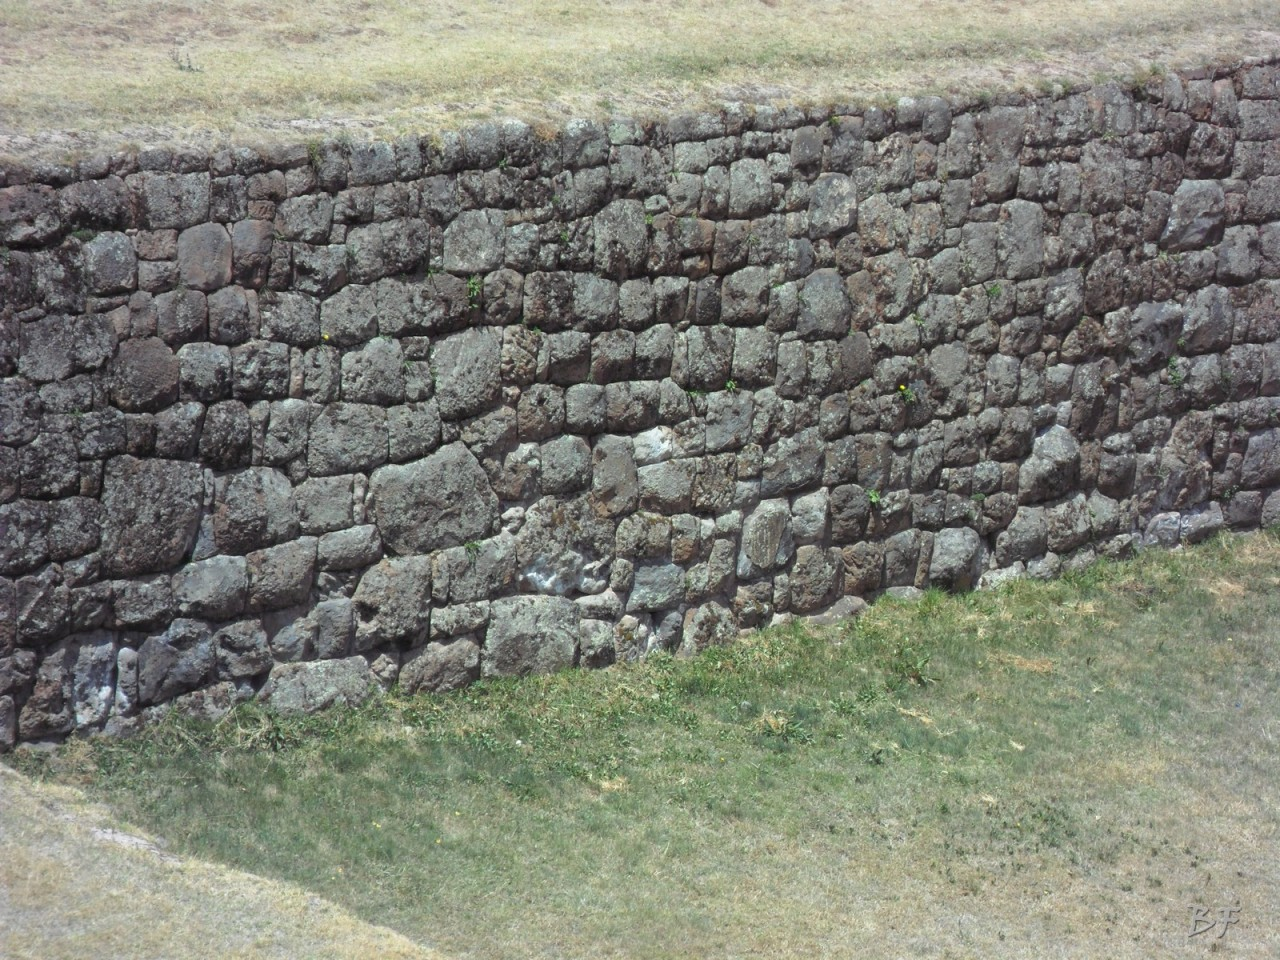 Mura-Poligonali-Megaliti-Tipon-Oropesa-Cusco-Perù-19